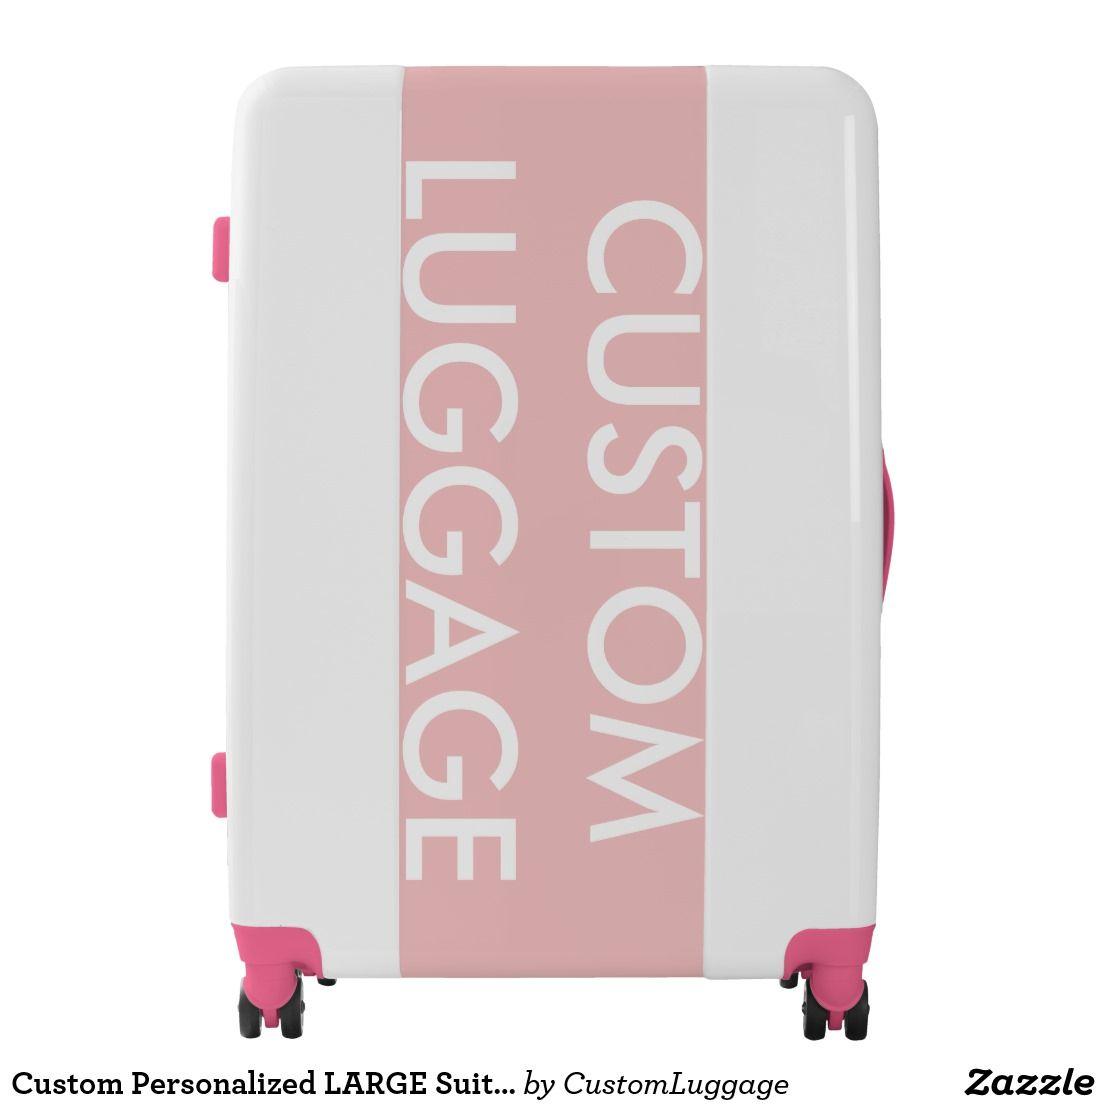 Custom Personalized LARGE Suitcase Luggage PINK | Large suitcase